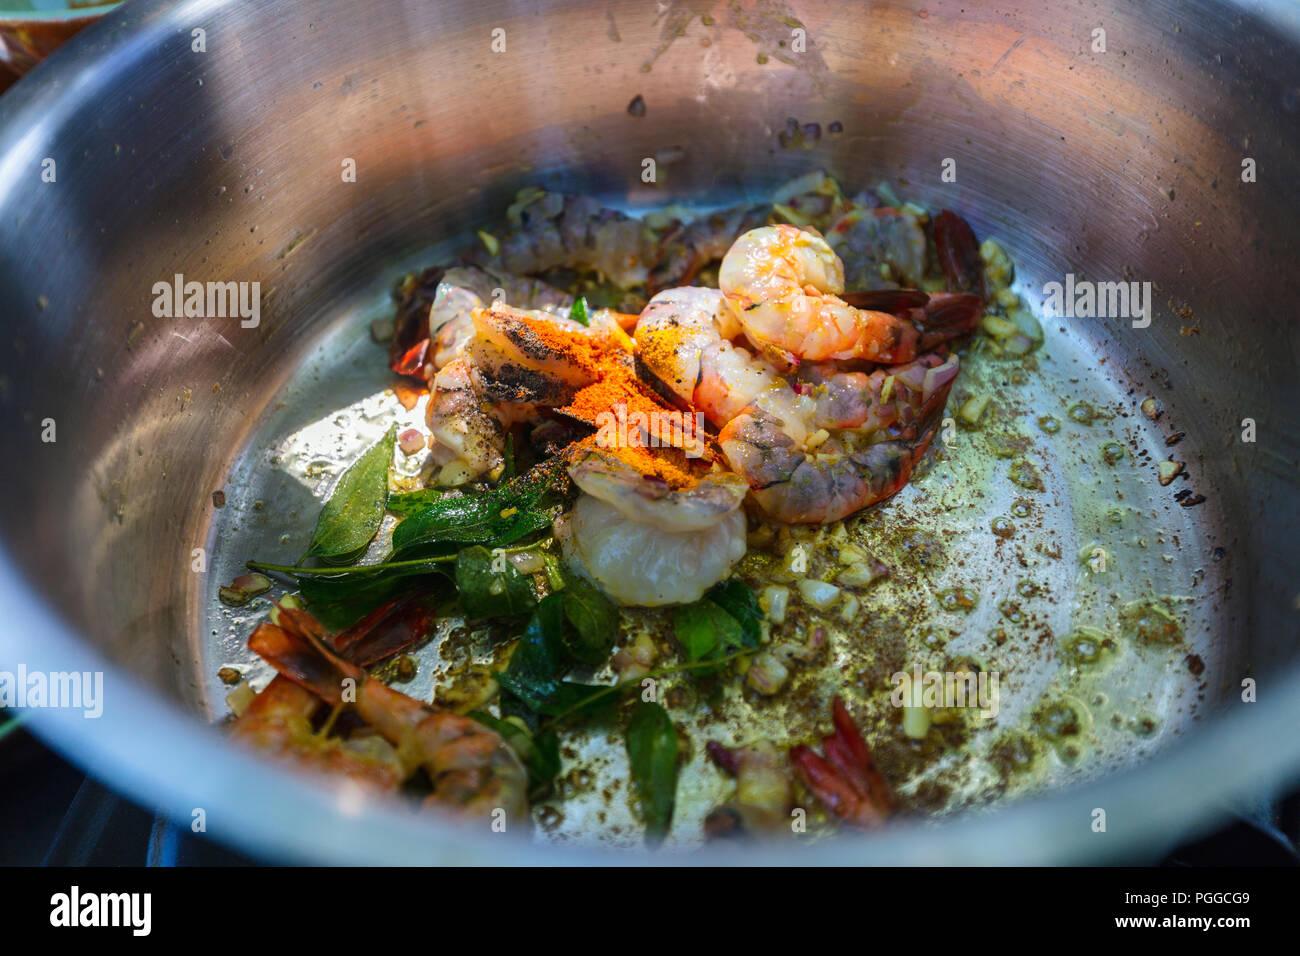 Preparazione di tradizionali dello Sri Lanka piatto al curry con gamberi a lezioni di cucina Immagini Stock